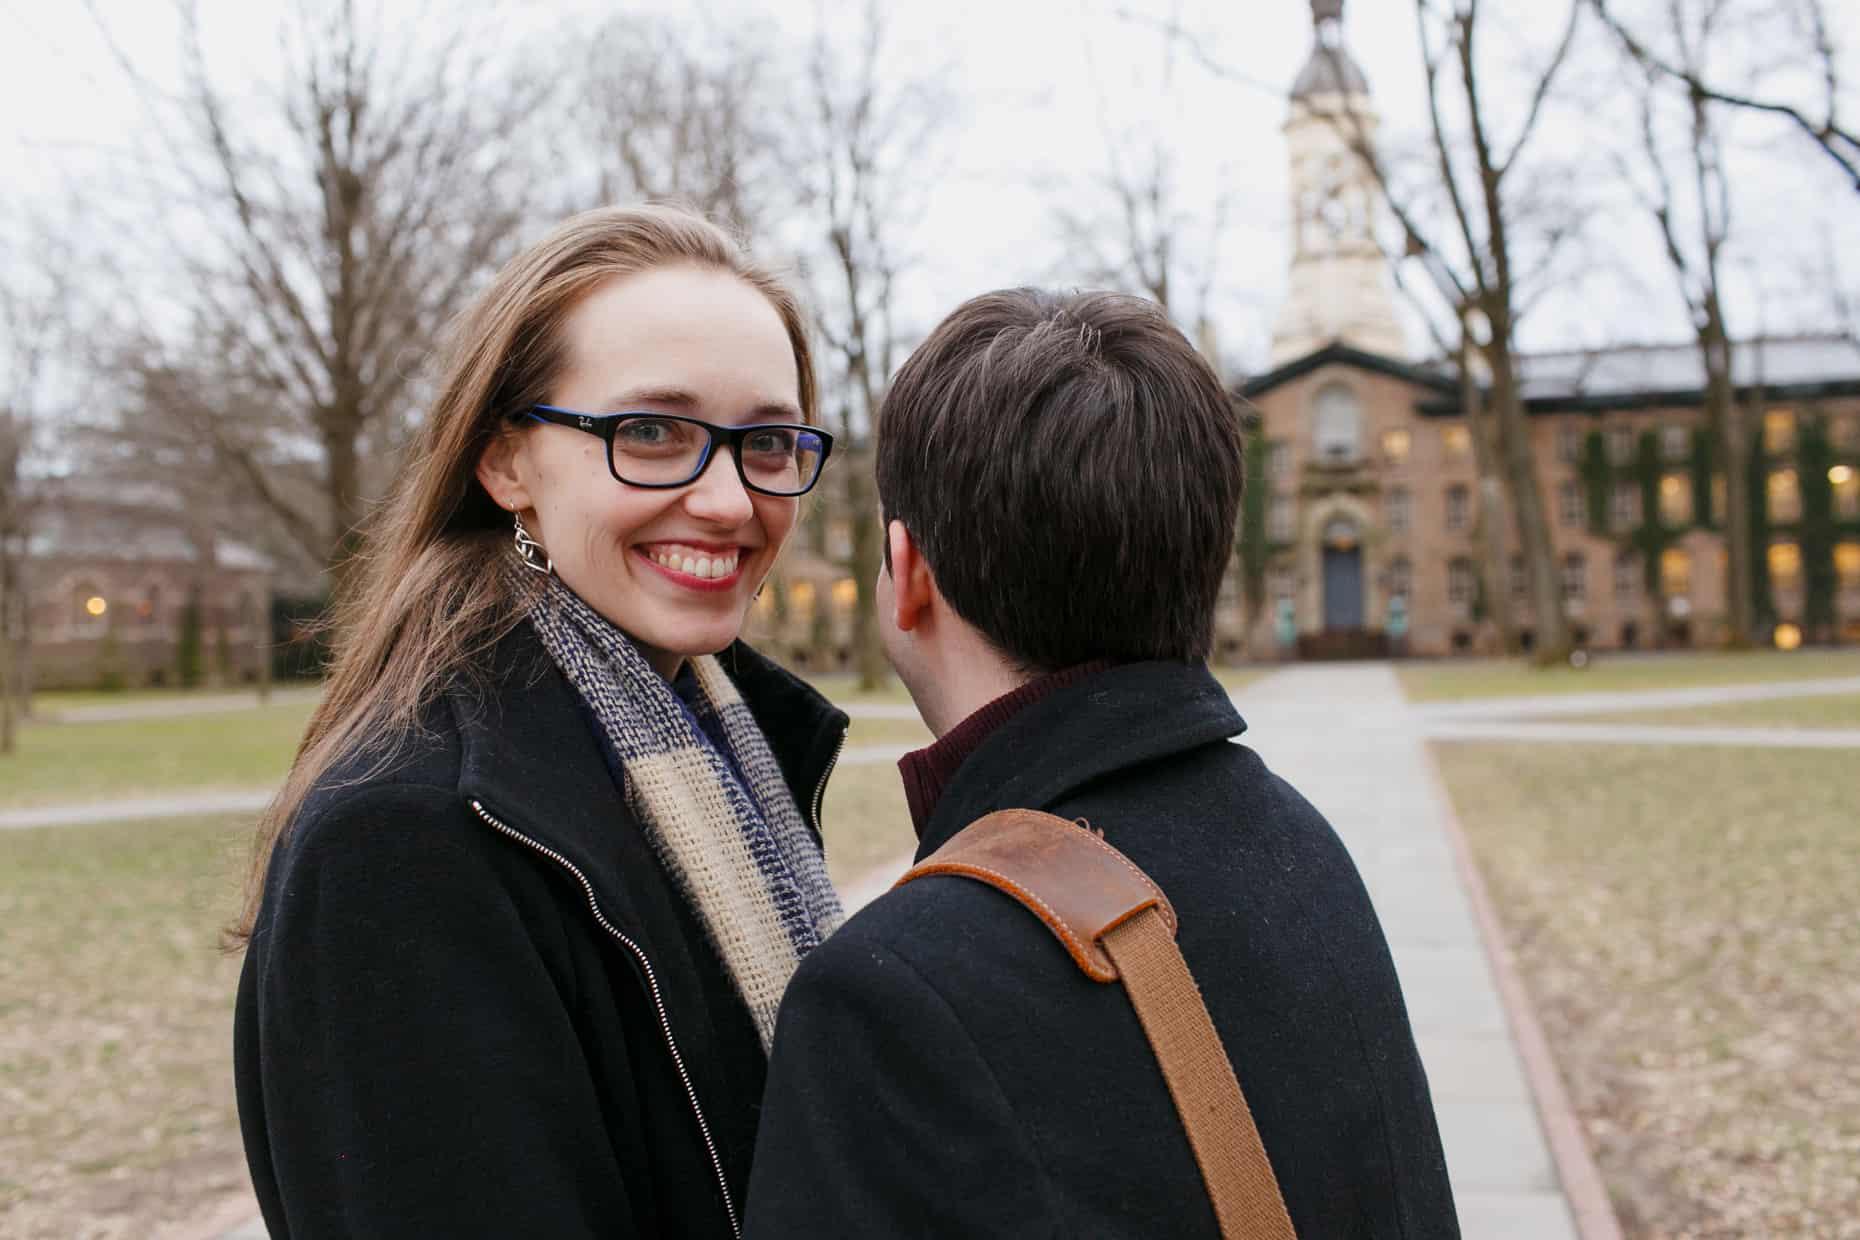 Ivy League Engagement Photo Session